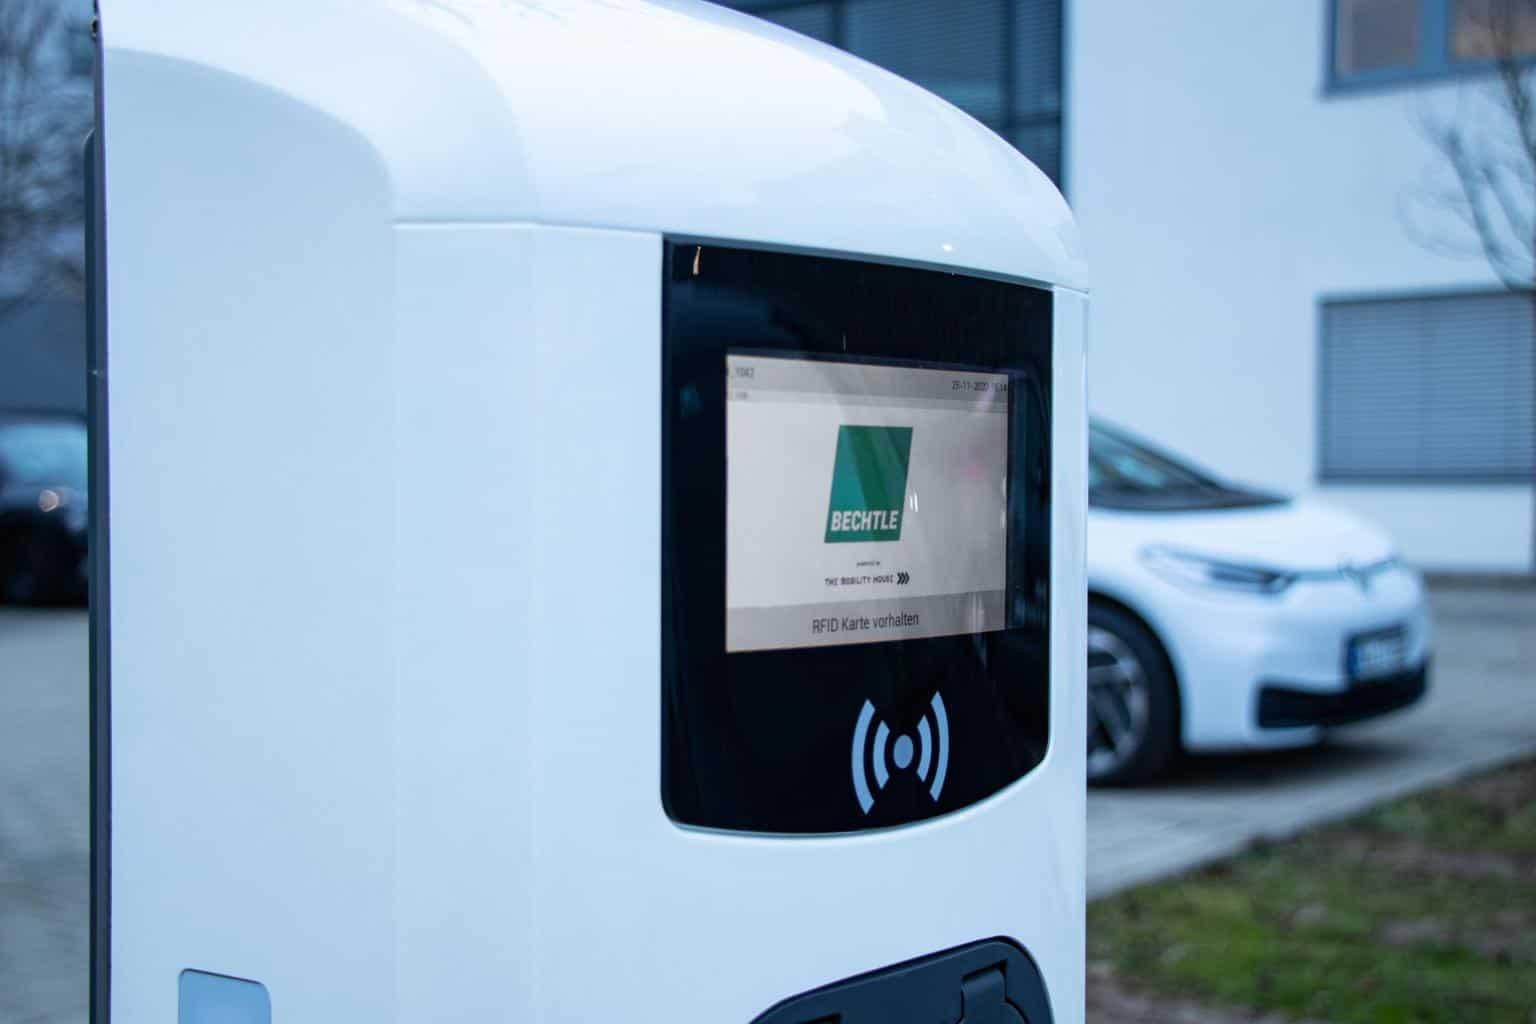 Bechtle nimmt einen der größten Ladeparks für E-Dienstwagen in Betrieb